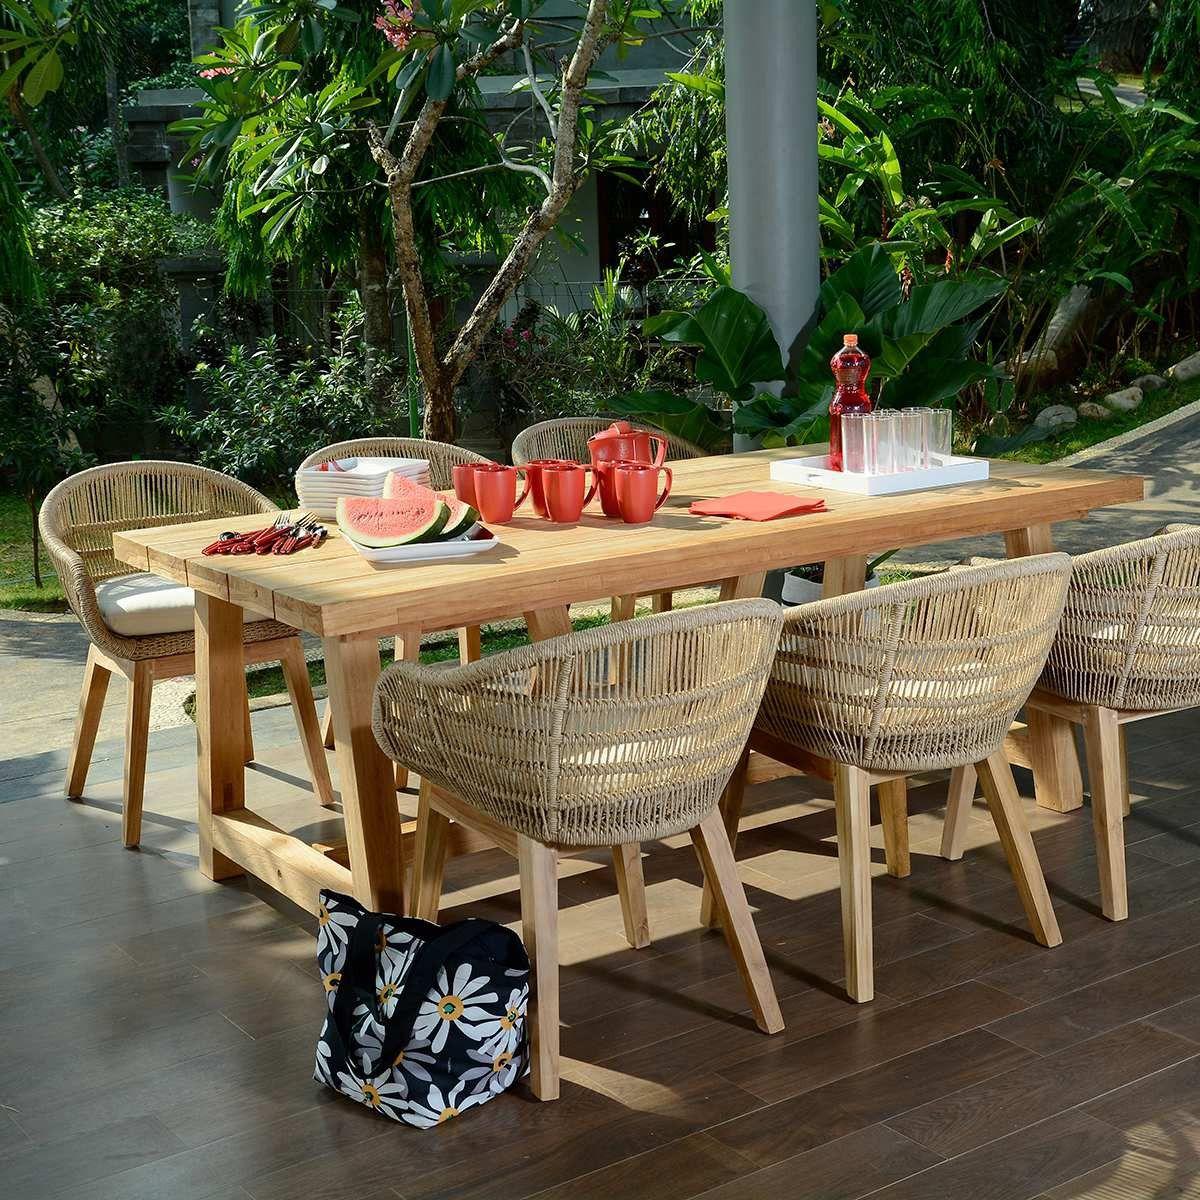 Salon De Jardin Chaumont 250 En Teck Effet Recyclé Pas Cher ... pour Salon De Jardin En Soldes